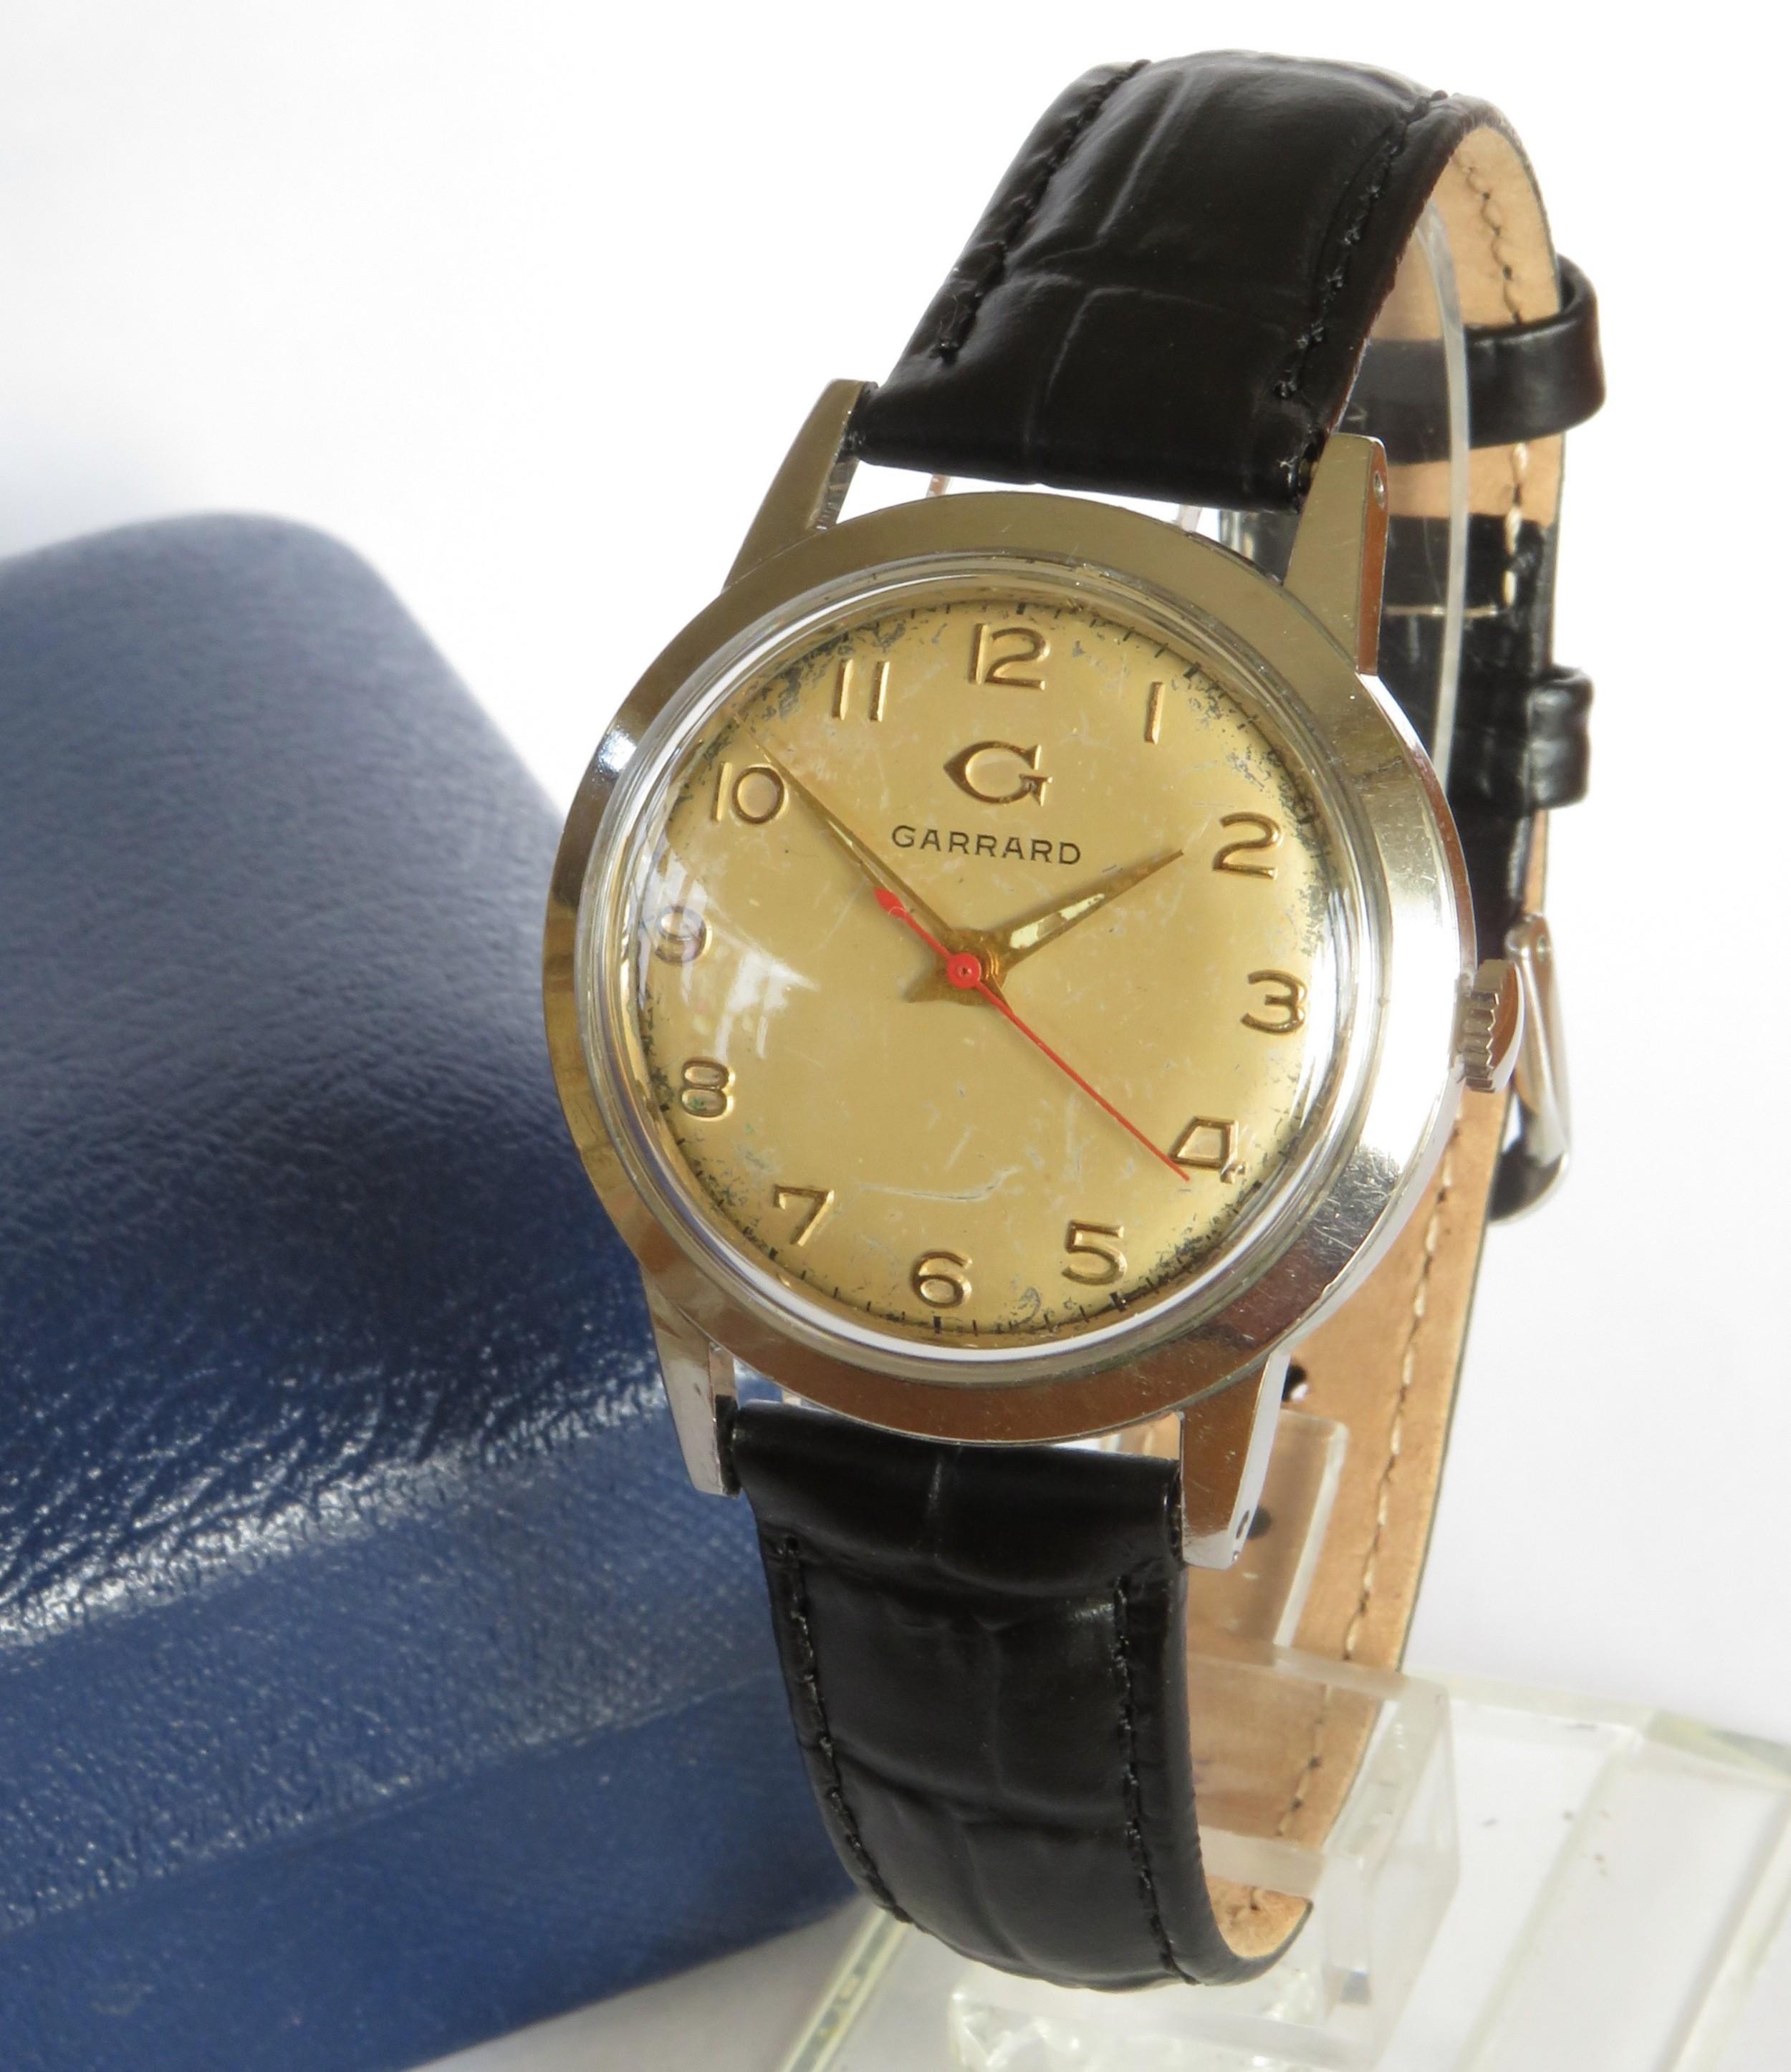 gents garrard wrist watch c1960